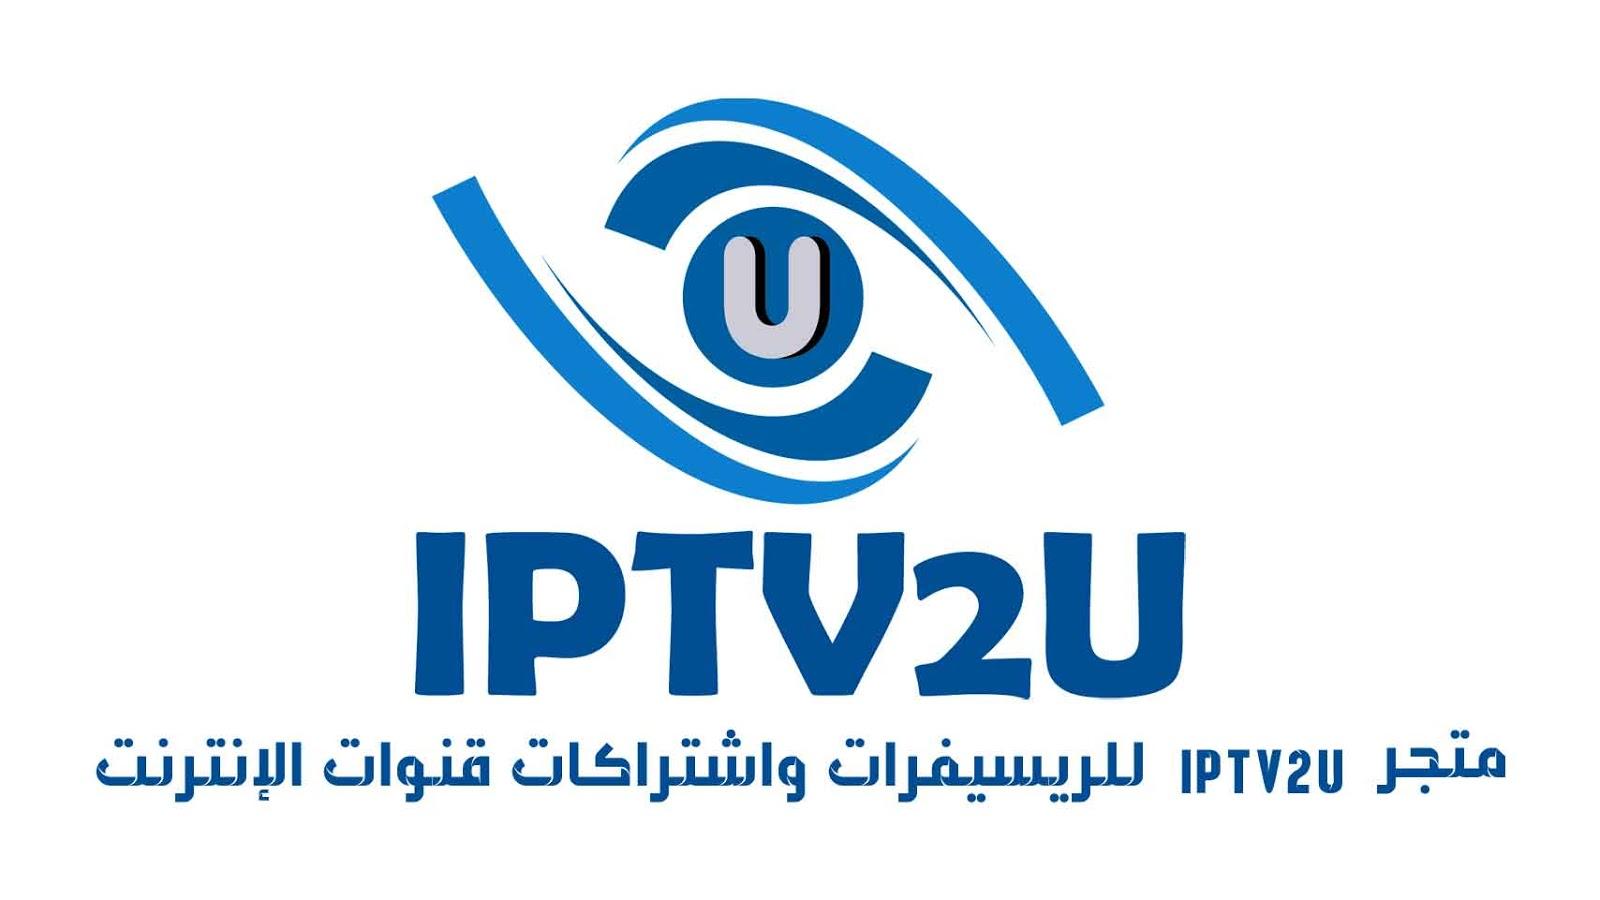 متجر iptv2u للاشتراكات والريسيفرات